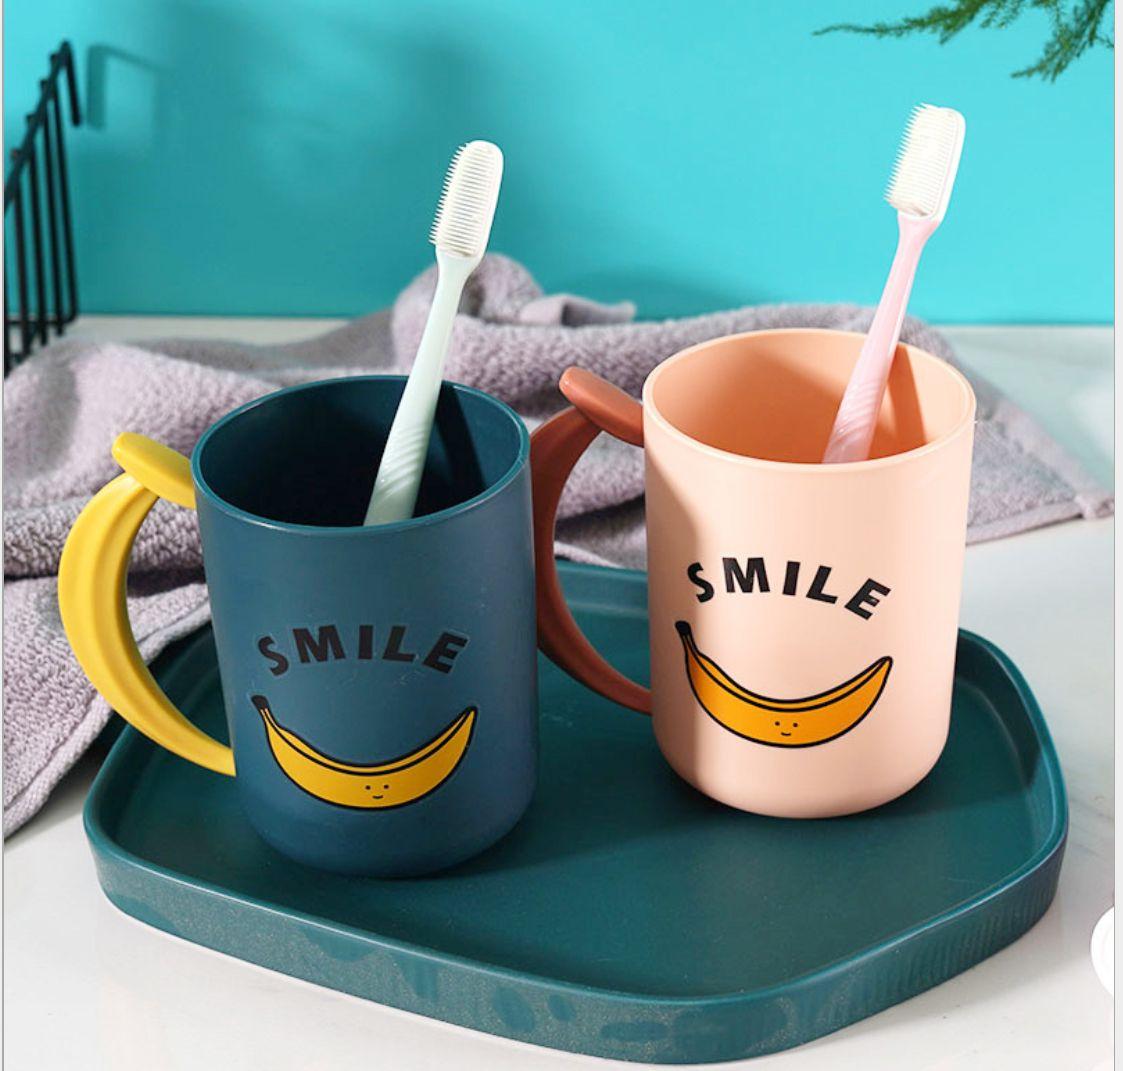 创意新品塑料漱口杯 学生家用香蕉手柄刷牙杯诚挚牙杯洗漱杯